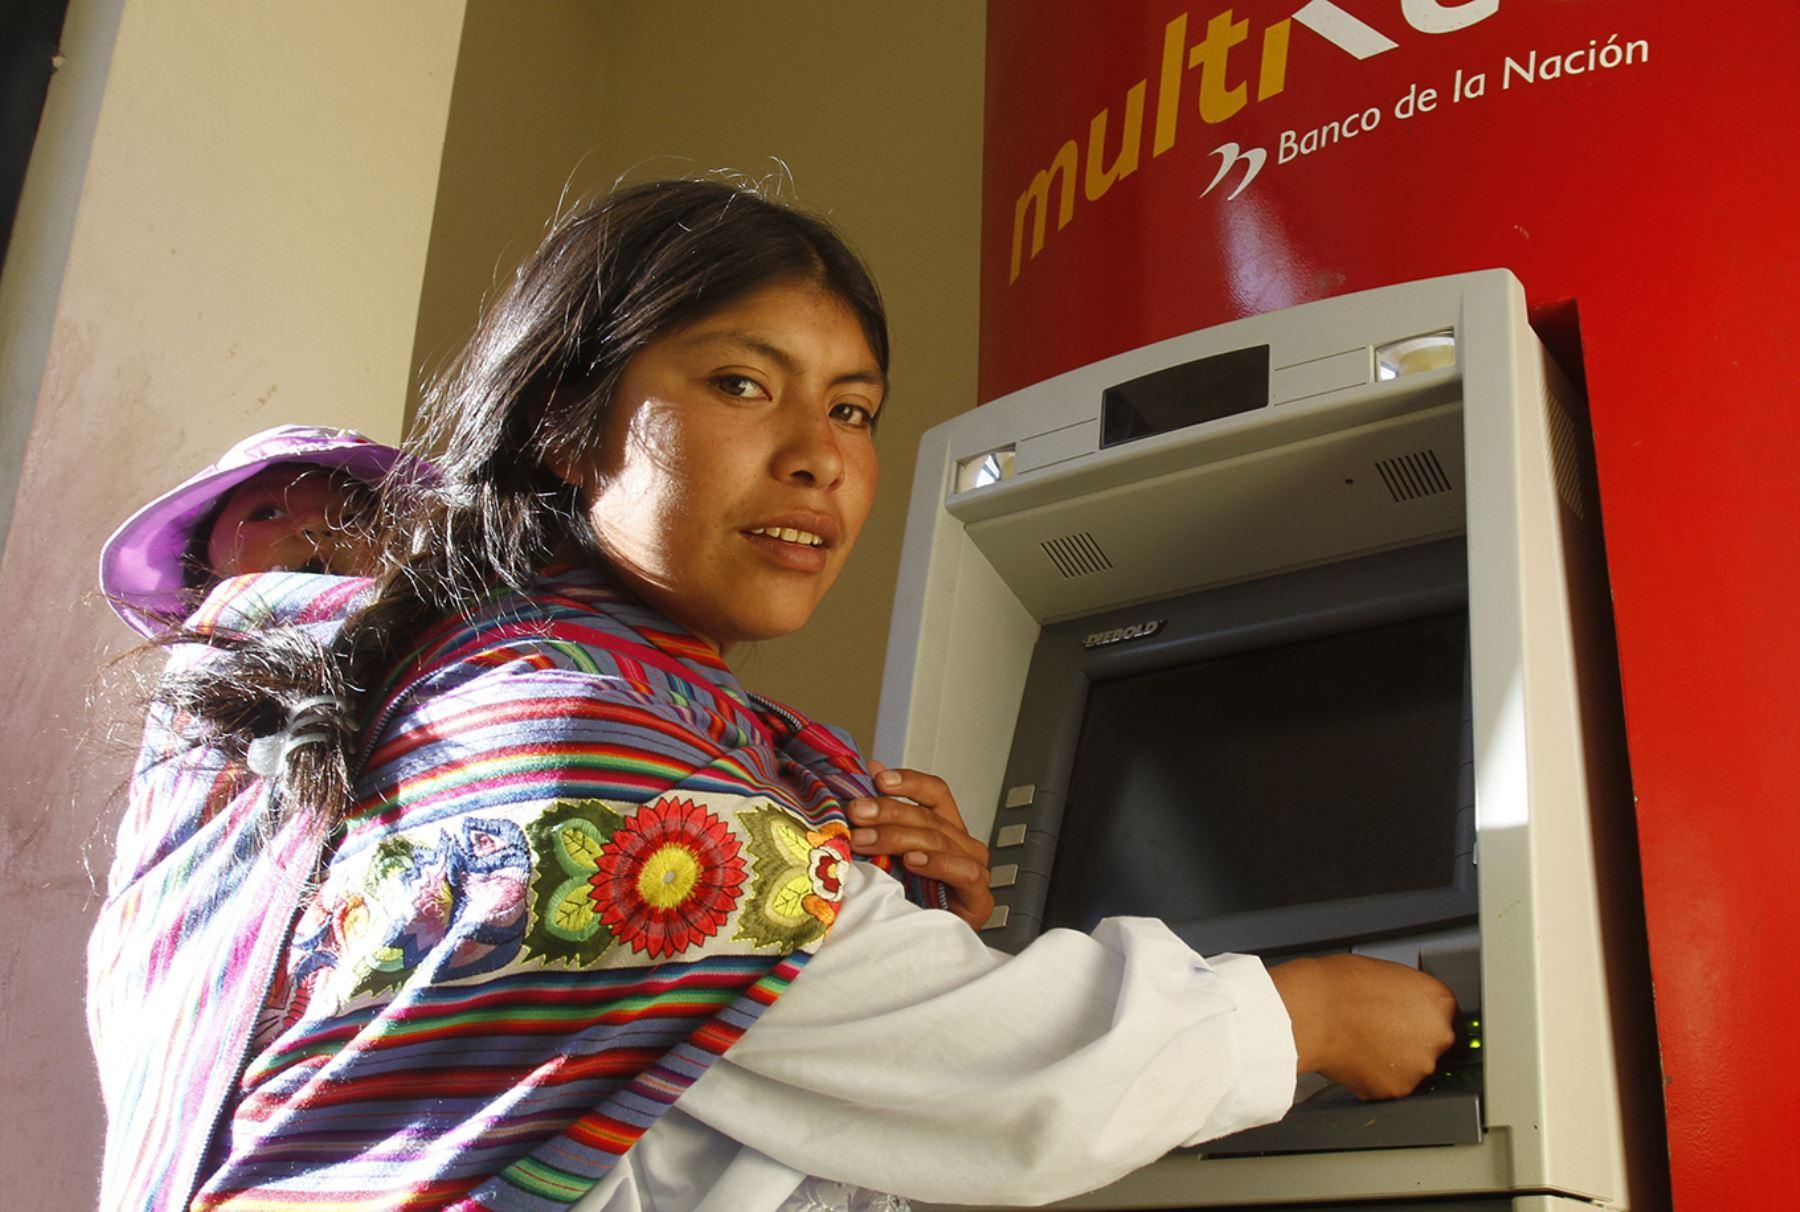 Juntos Bienvenidos Madres Pobreza Provincias Niños Atención Bancos Cajeros DNI Asistencia Cobro en Ventanilla Lactancia